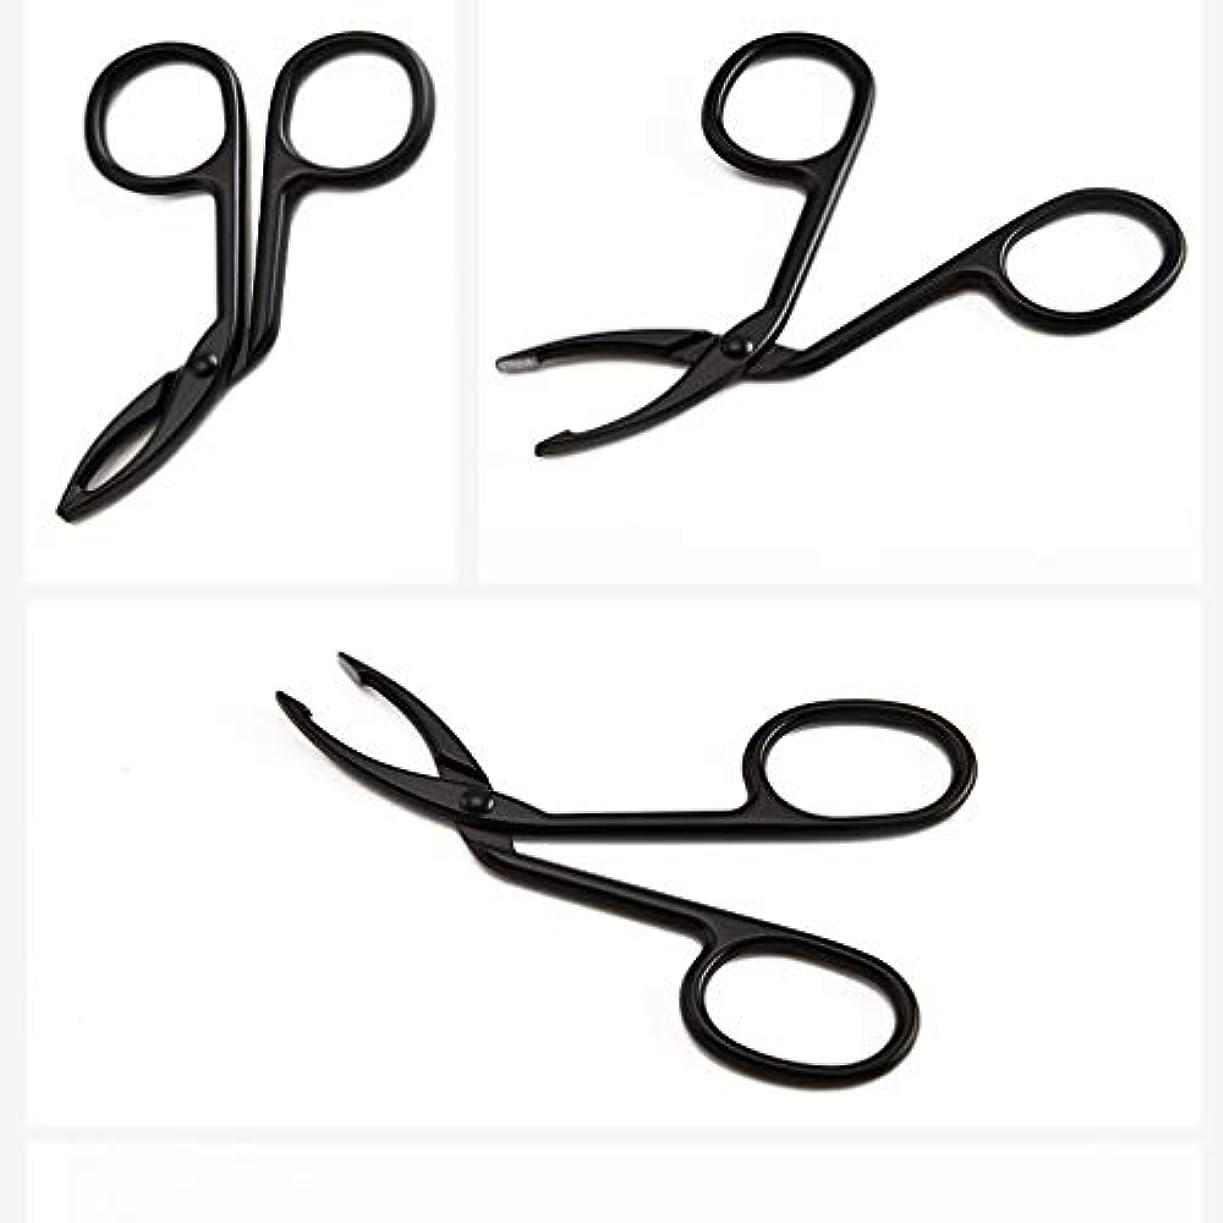 版定義するプラグLUXWELL(ラクスウェル)眉毛ピンセットアイブロウ ピンセットクリップ 毛抜き まゆ毛ピンセット 人気の 化粧工具 クリップ